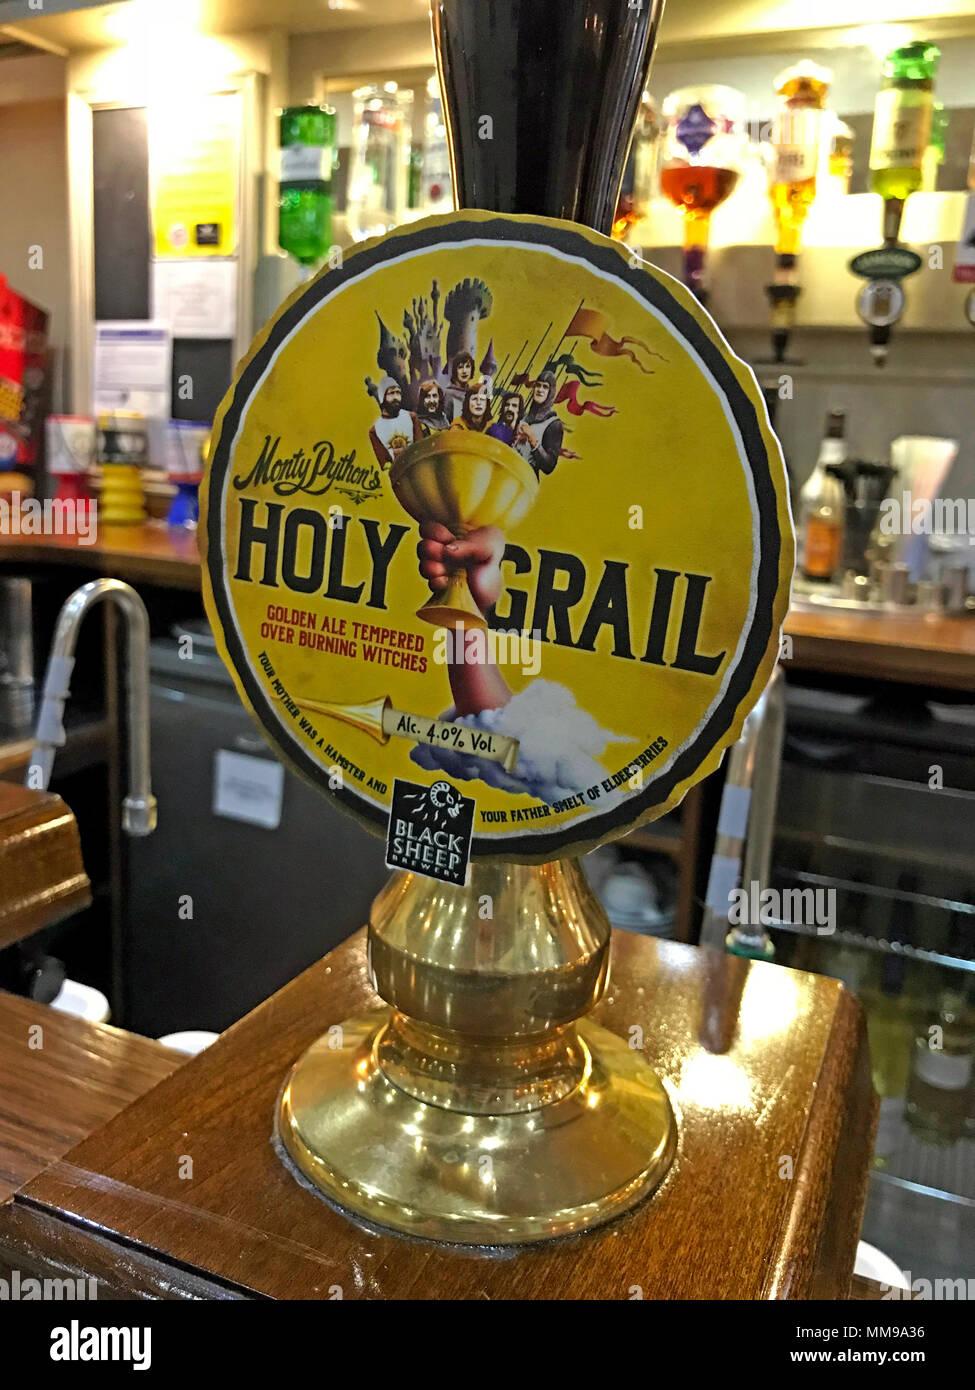 GoTonysmith,@HotpixUK,beer,pump,on,a,bar,England,GB,UK,craft,craft